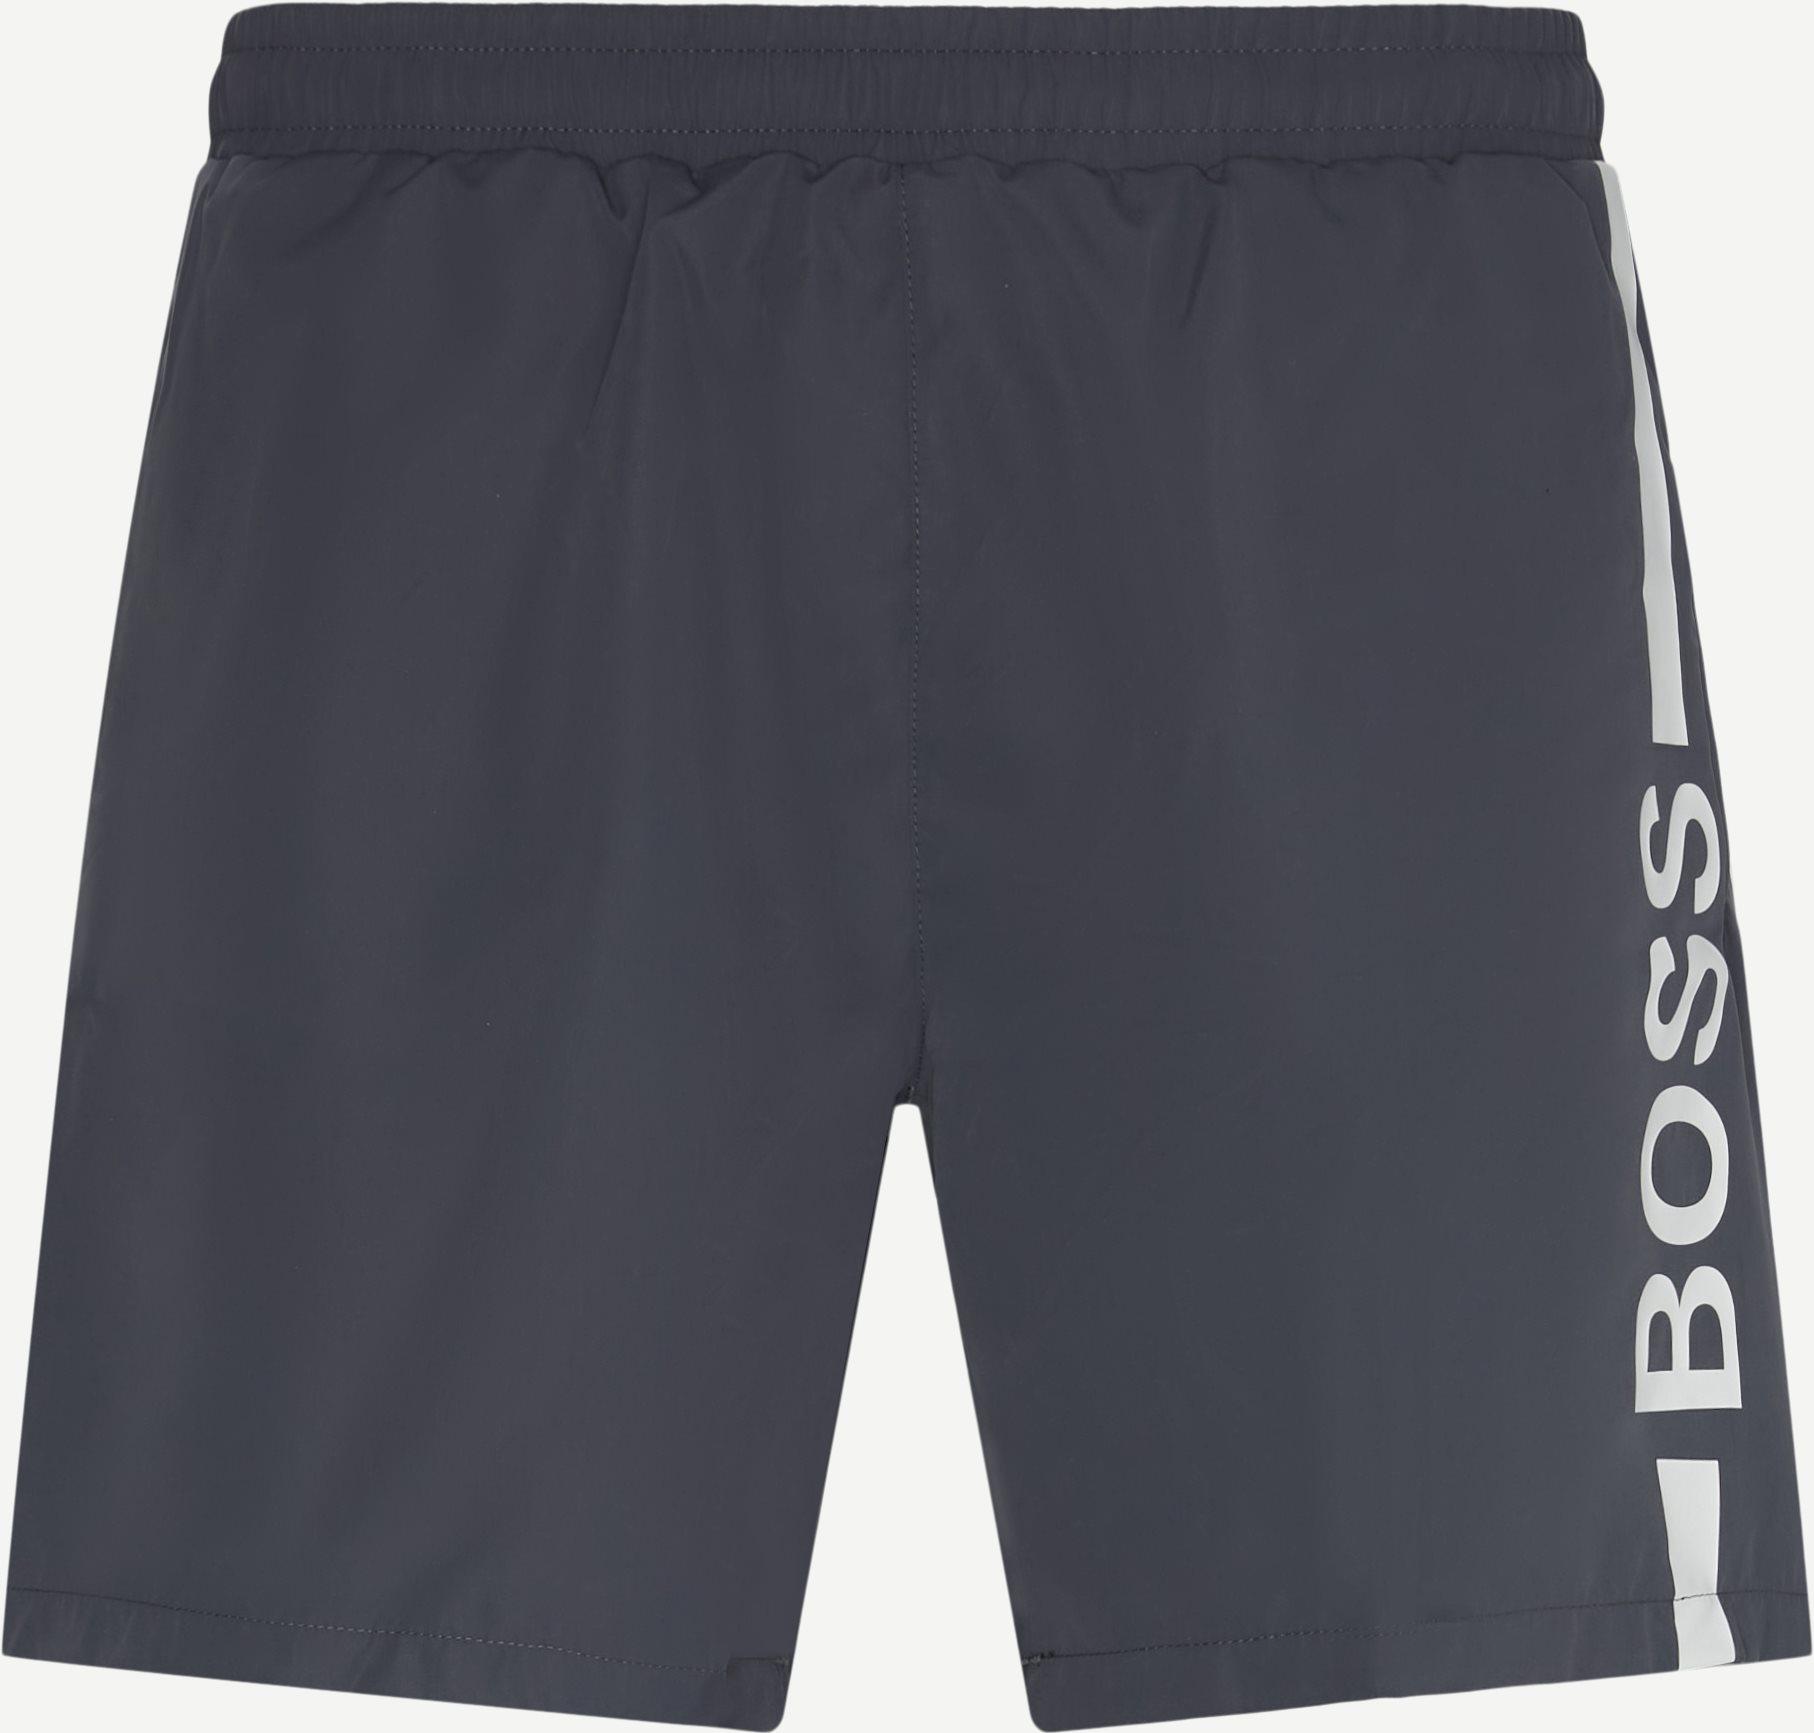 Shorts - Regular - Grau